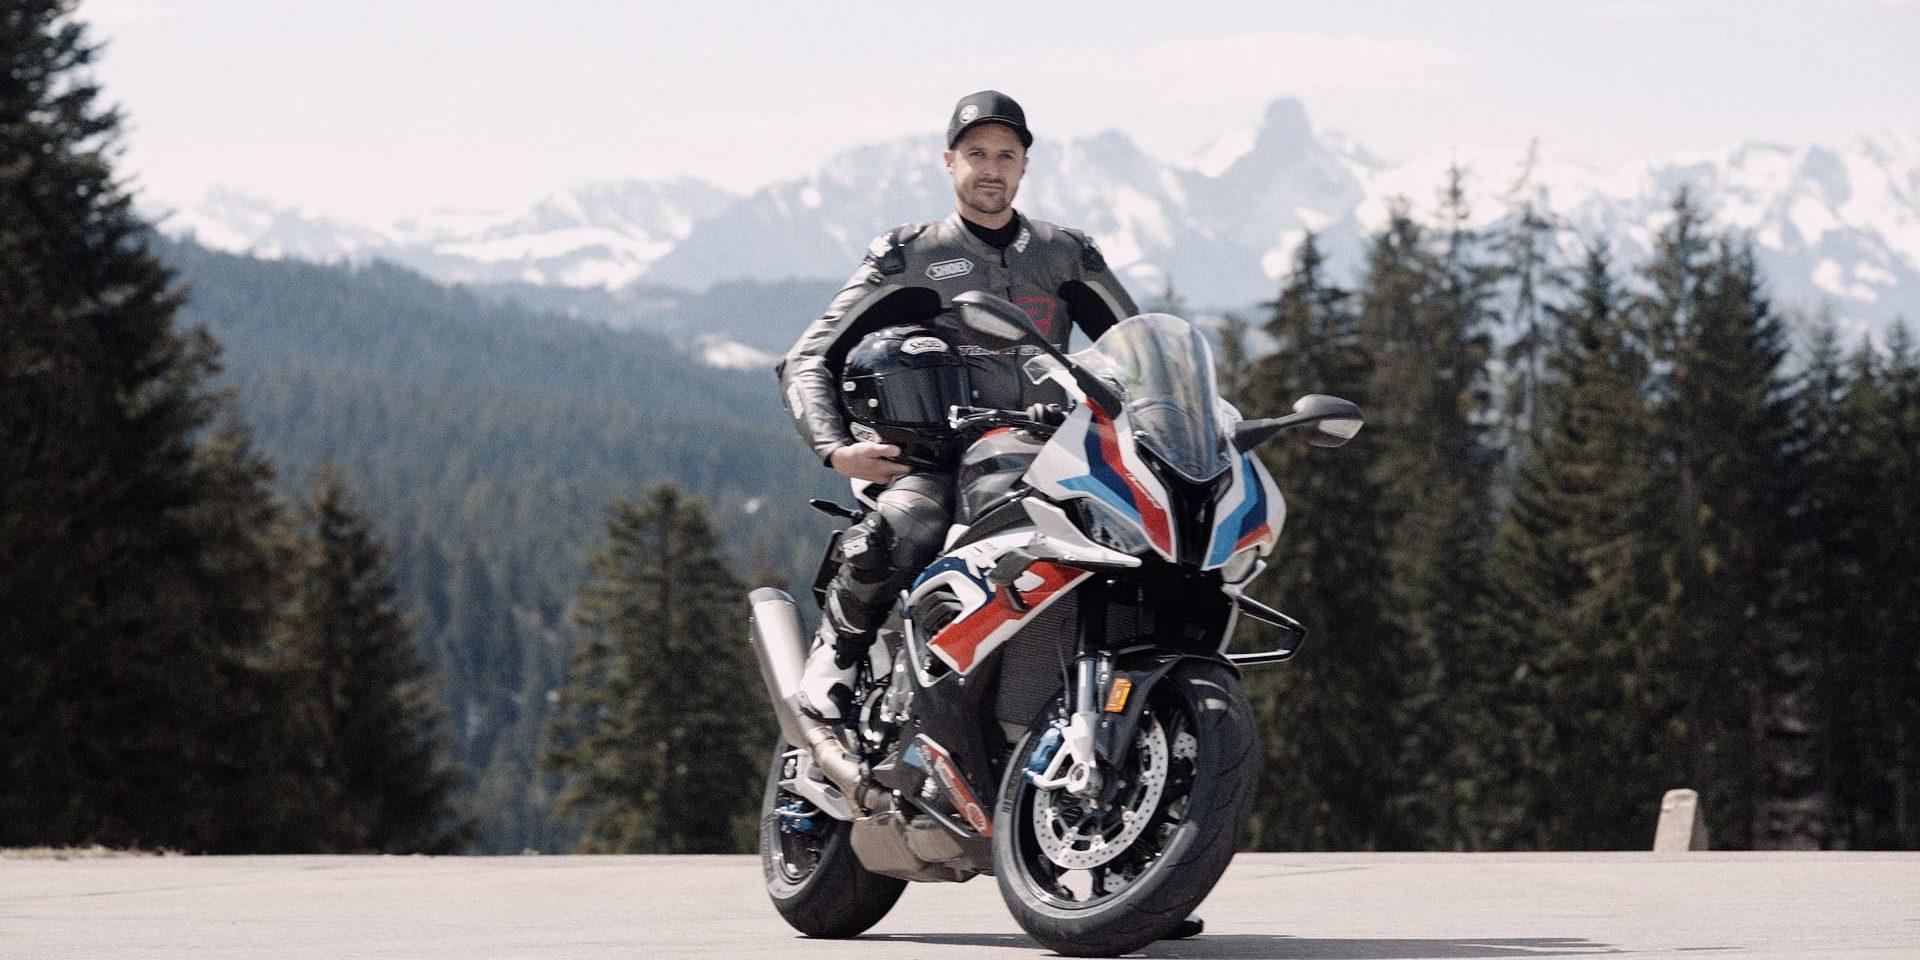 Tom Lüthi unterwegs mit der BMW M 1000